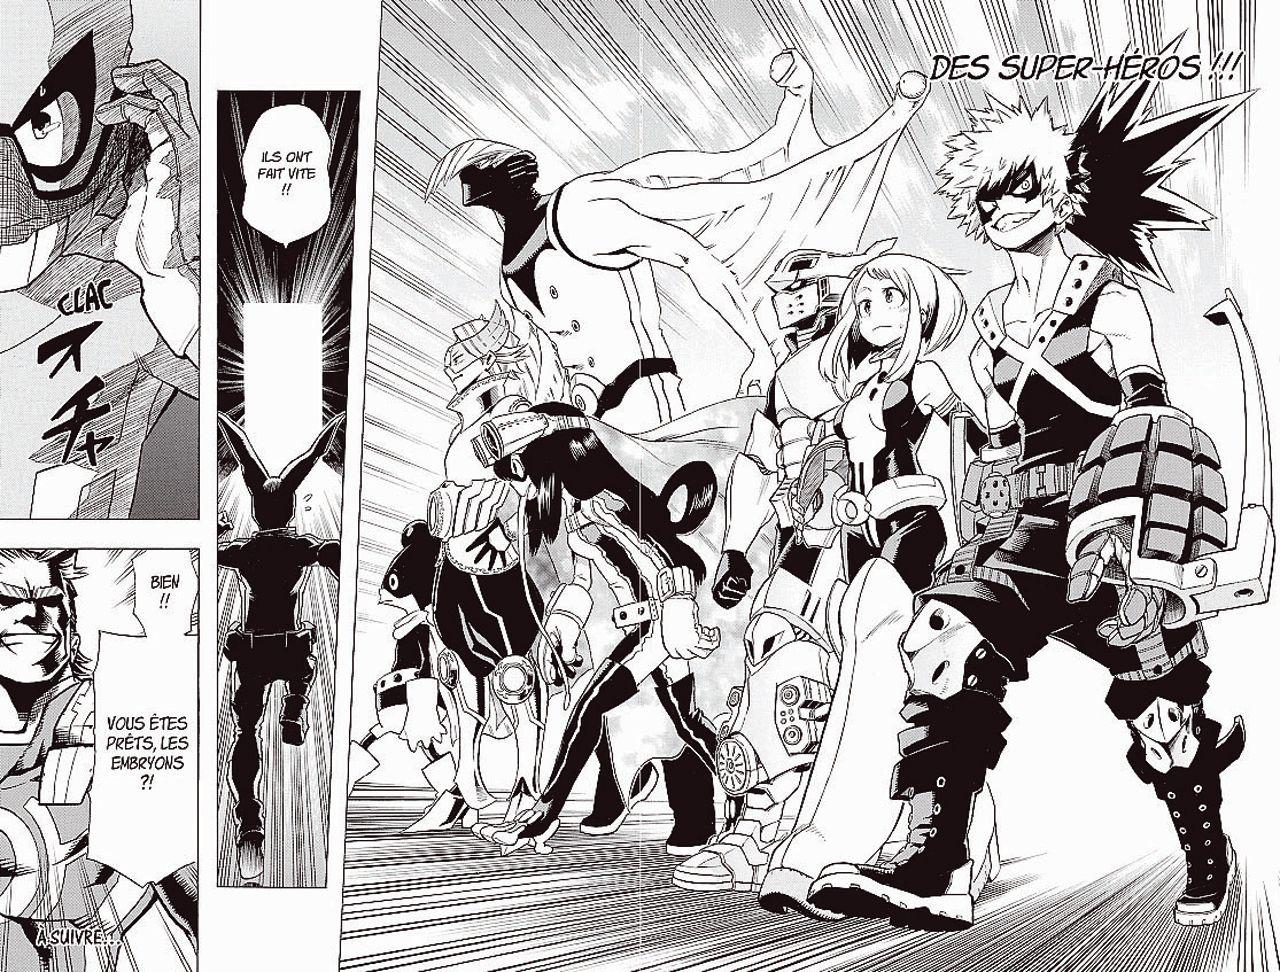 Le manga atteint de nouveaux sommets en France